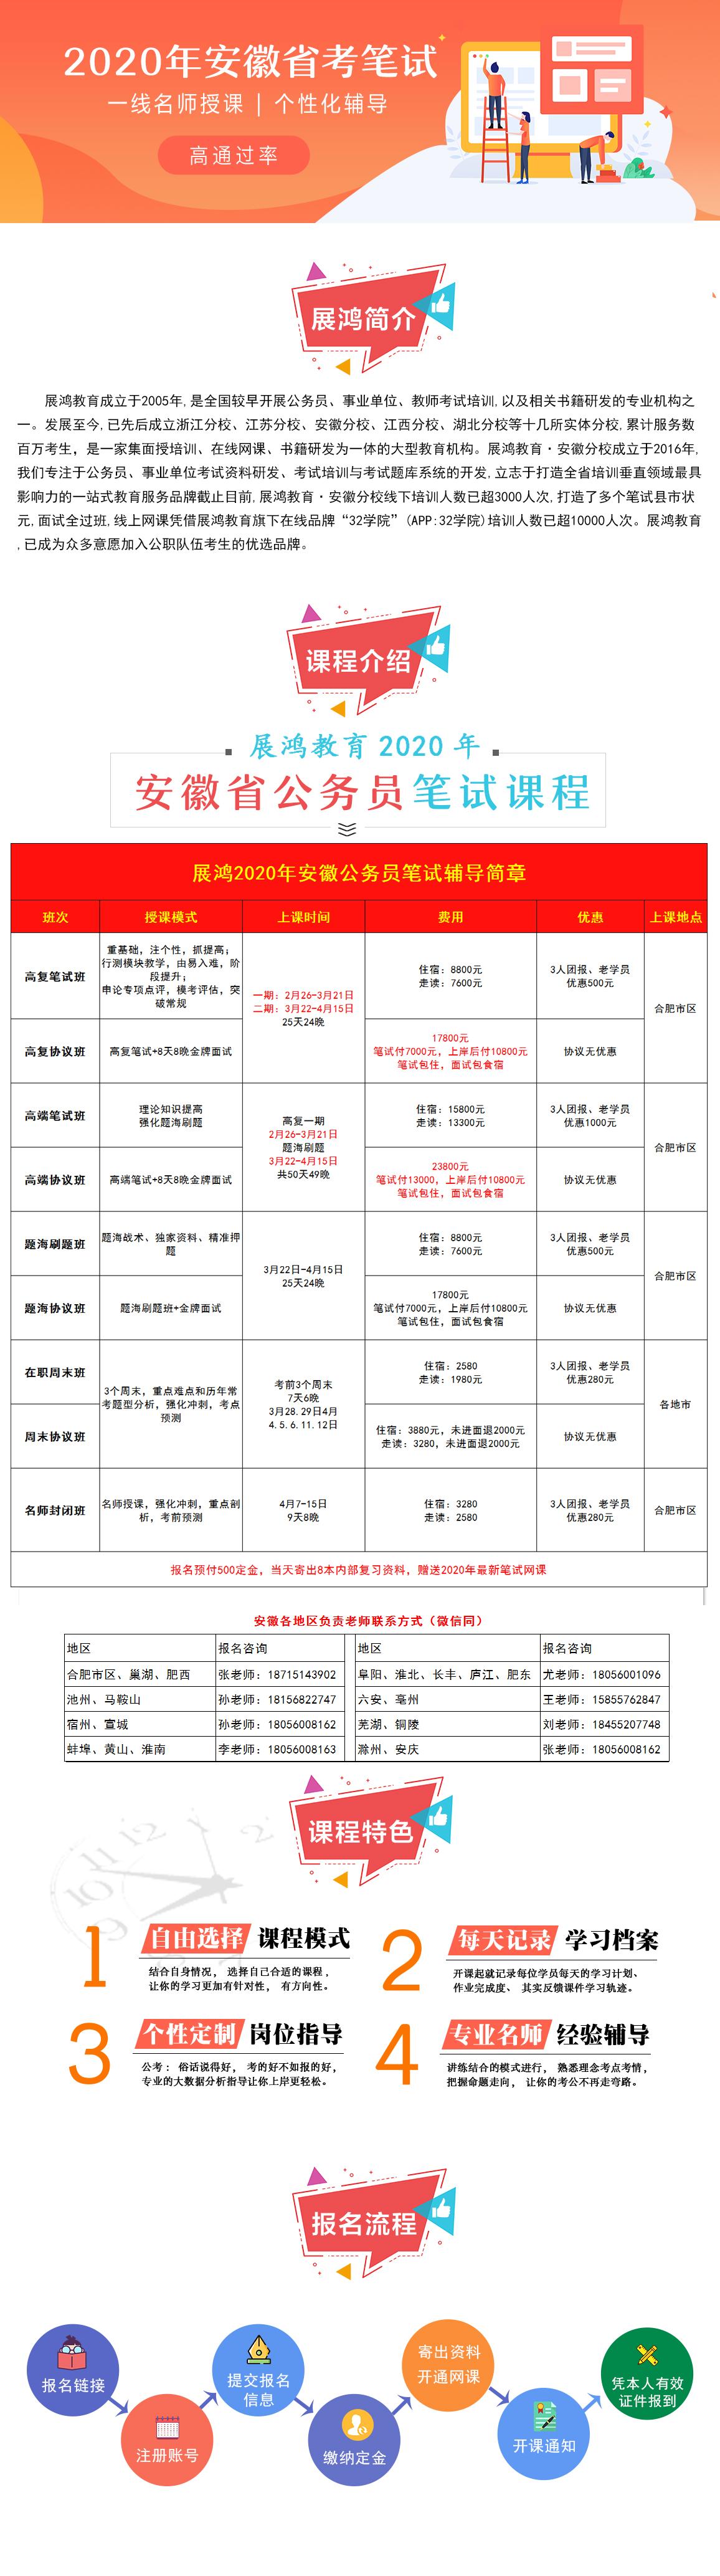 2020年安徽省考笔试简章12.21.jpg